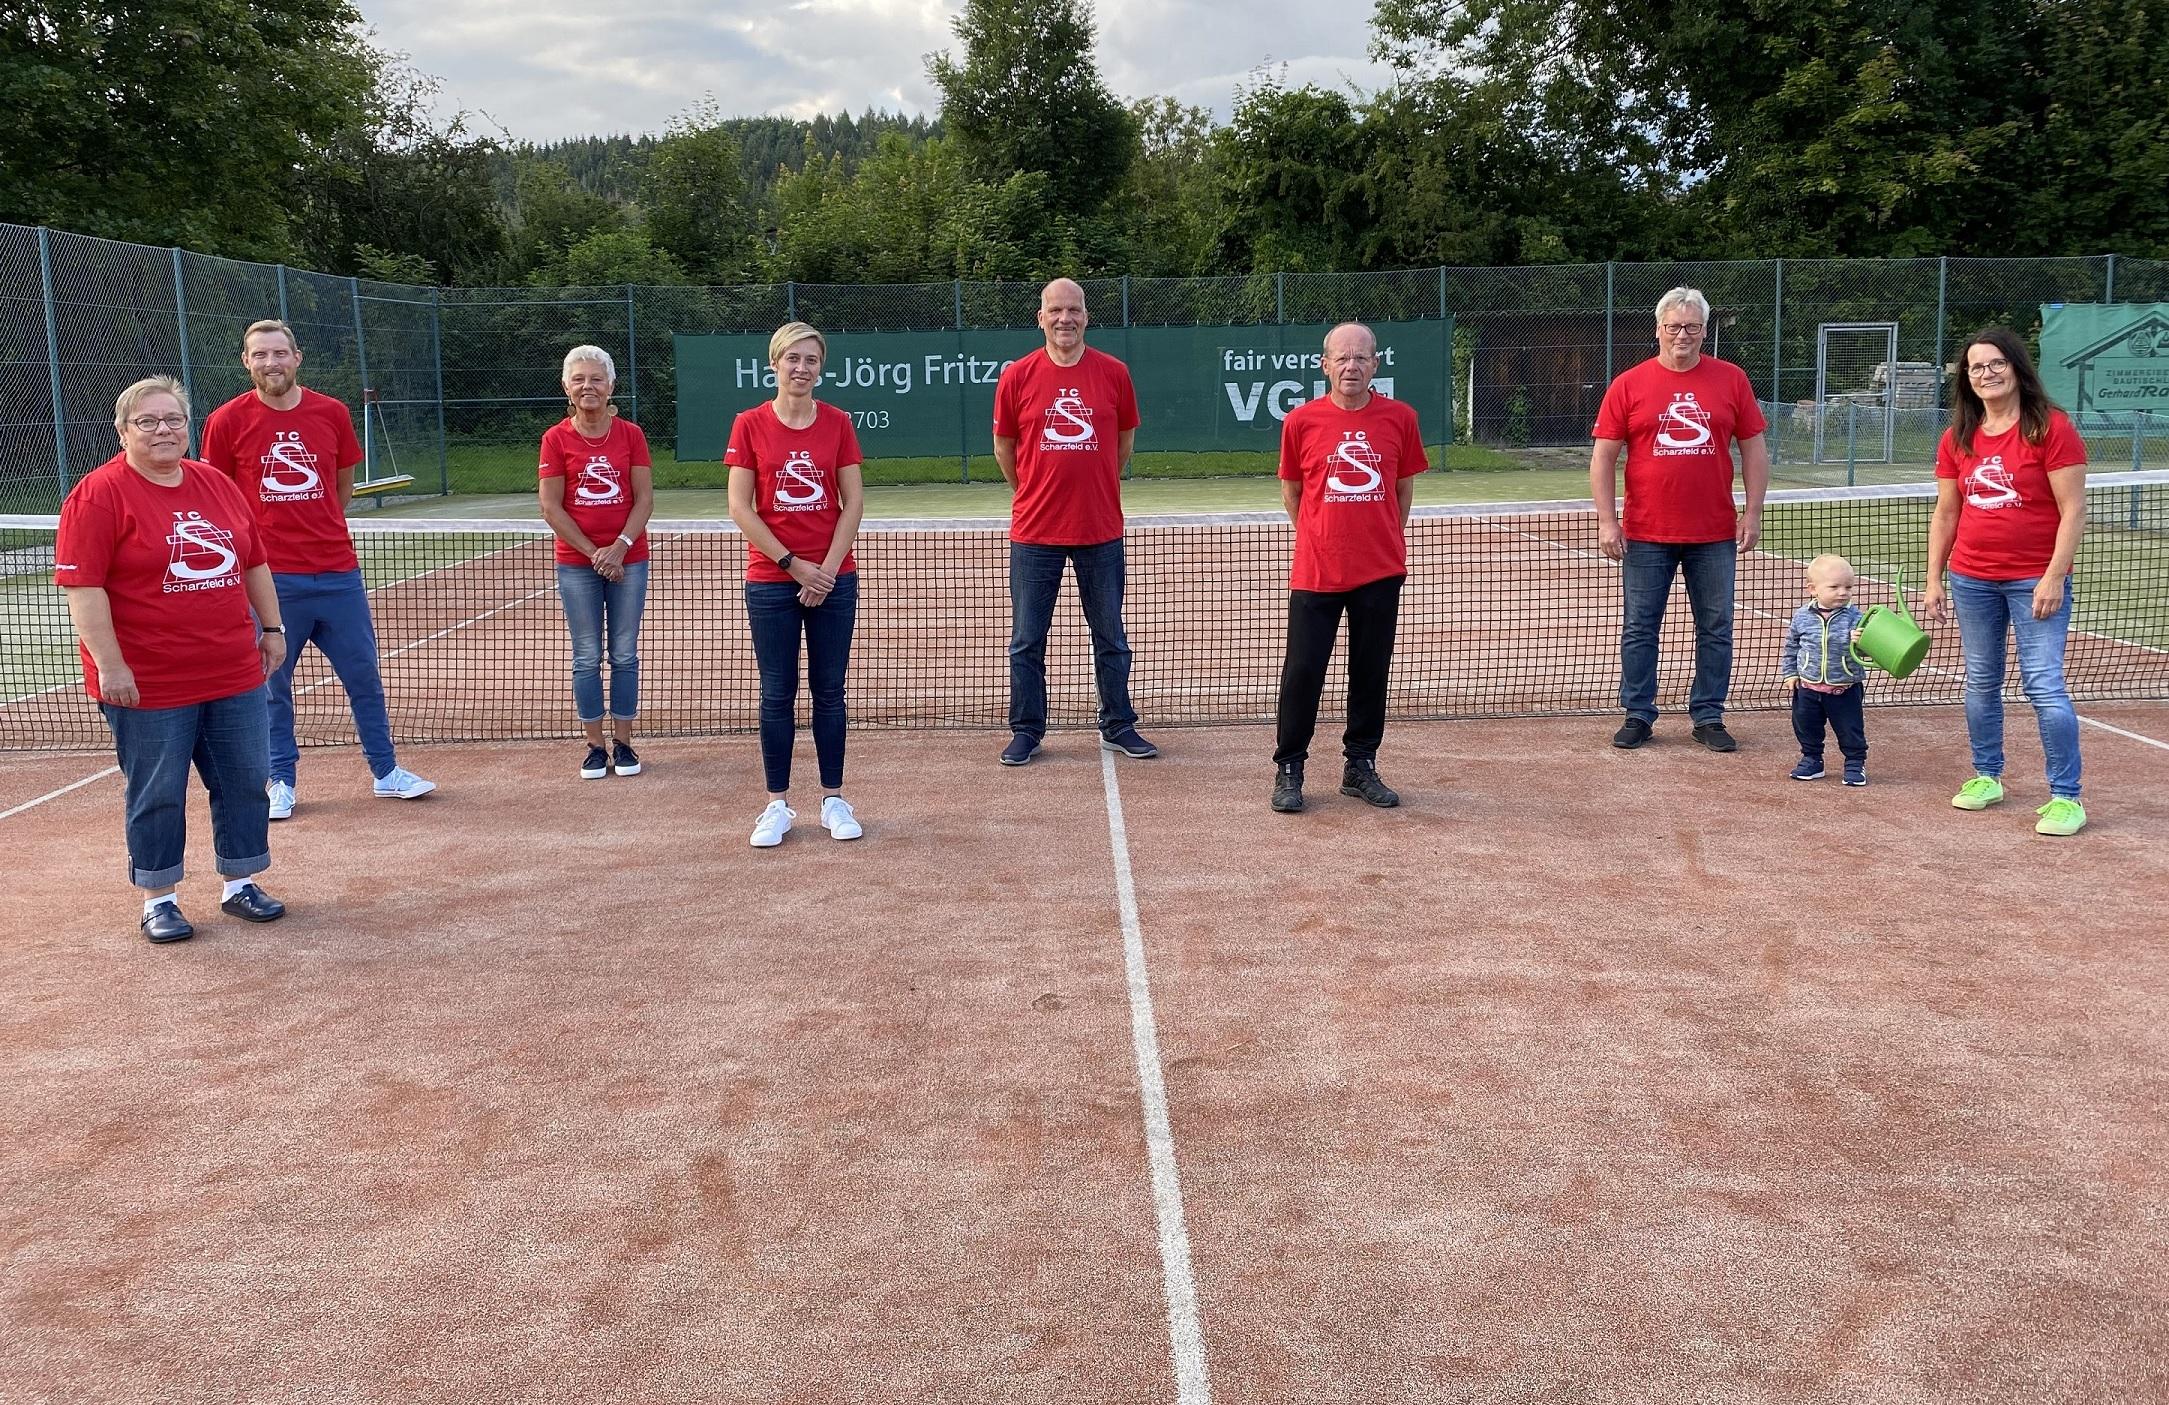 Herzlich Willkommen beim Tennisclub Scharzfeld e.V.